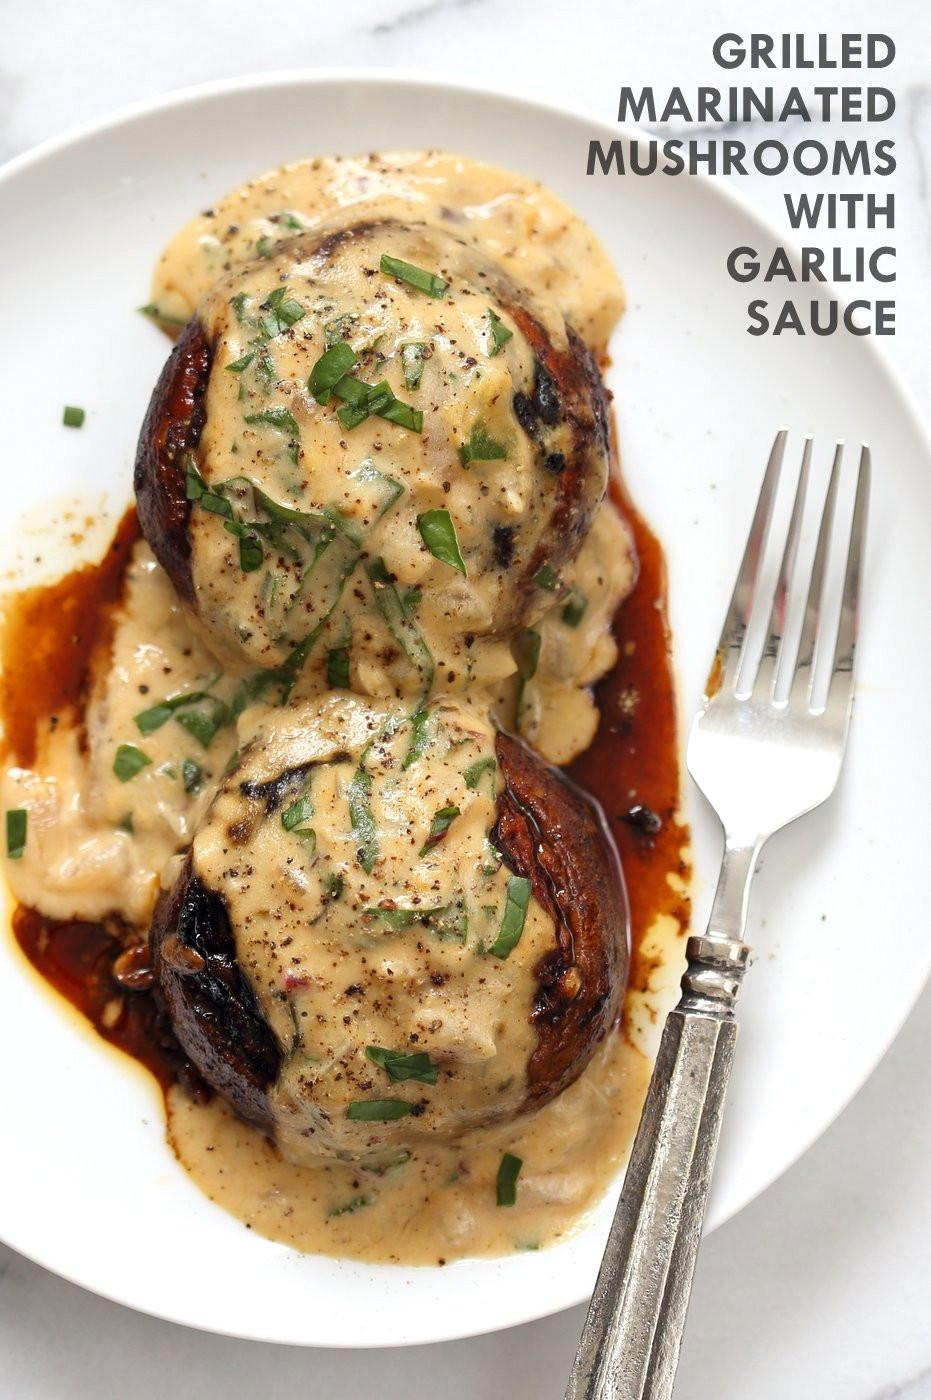 Vegan Portobello Recipes  Grilled Portobello Mushrooms with Garlic Sauce Vegan Richa